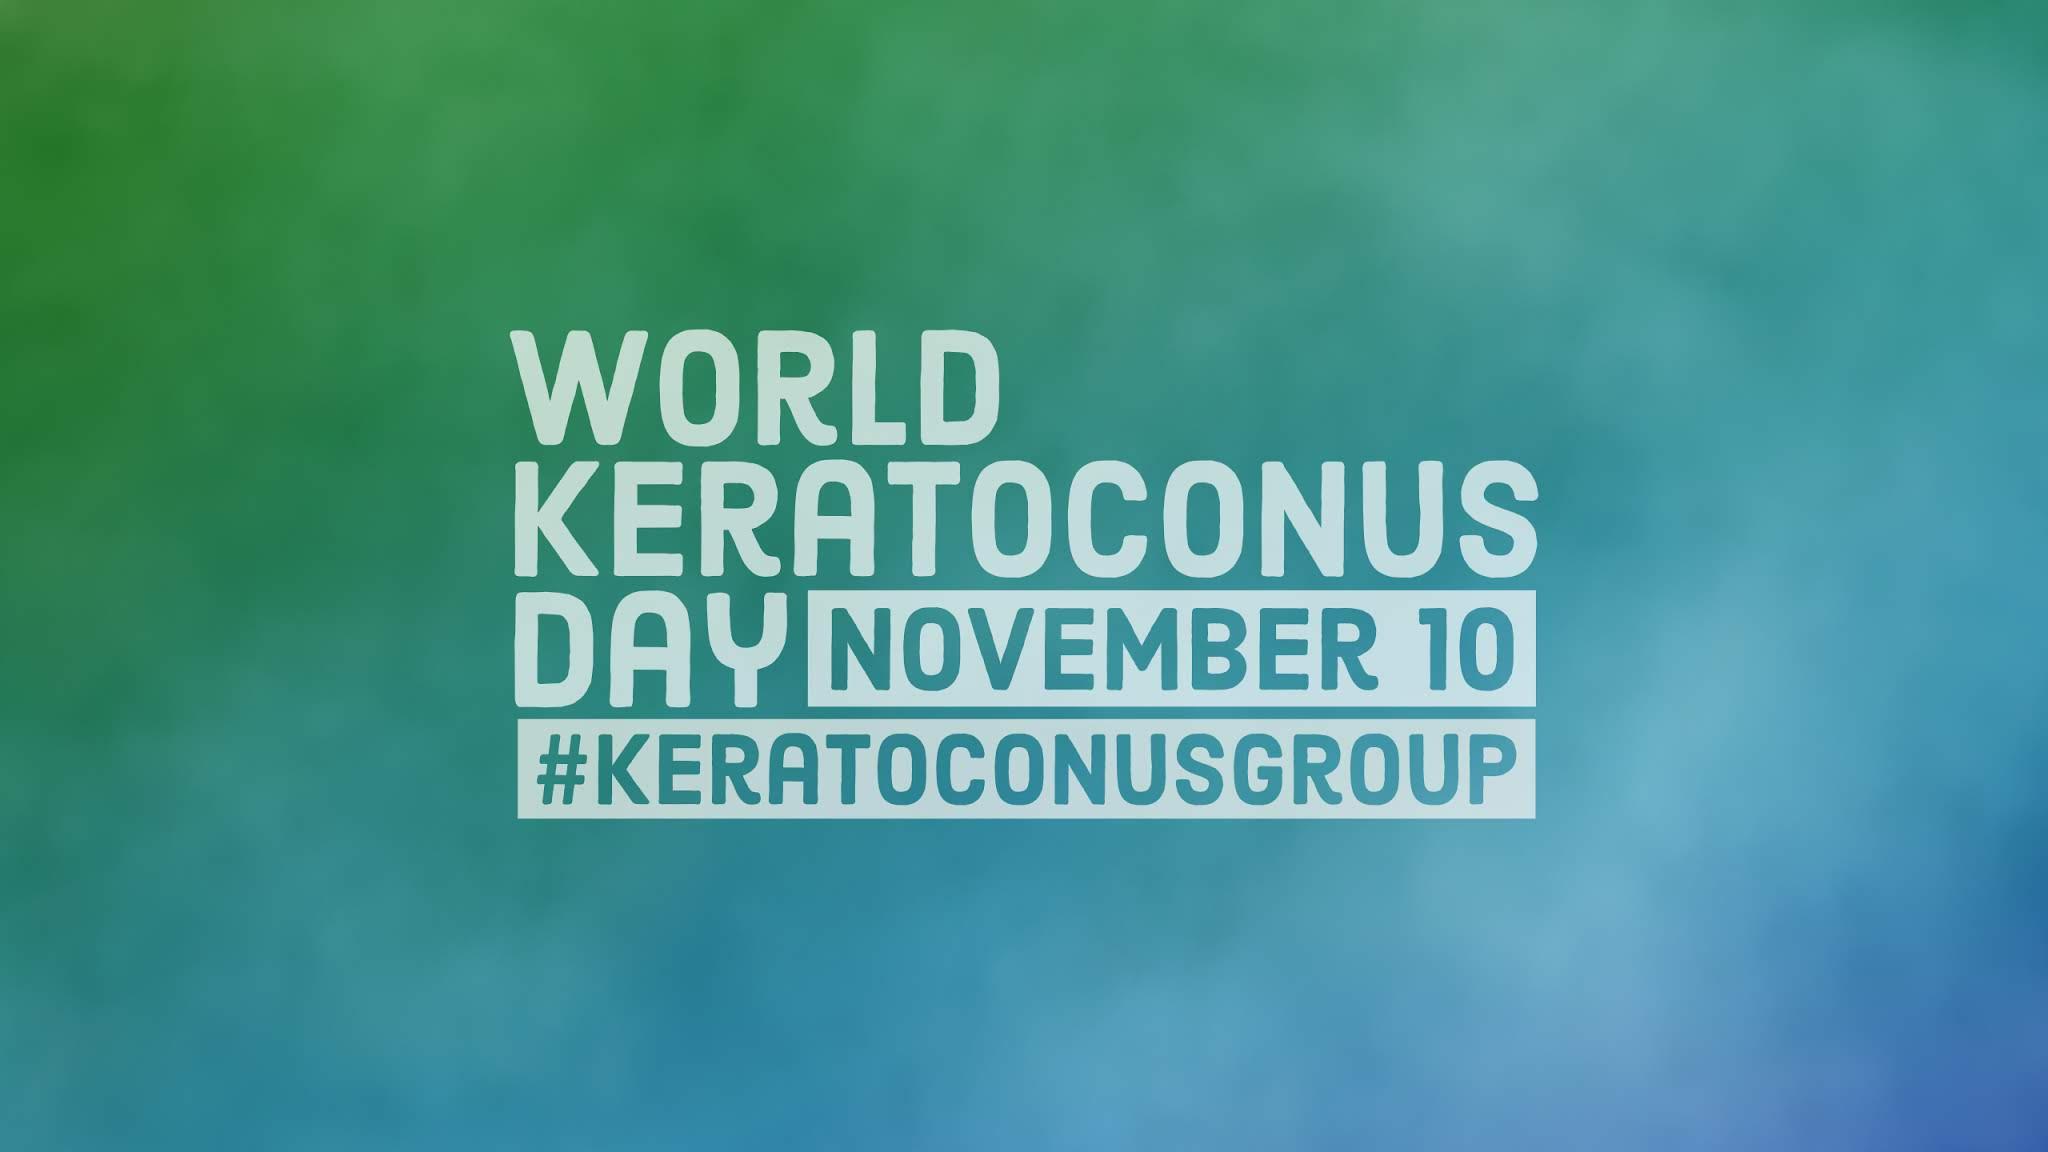 World Keratoconus Day 2018 Desktop or Tablet Wallpaper